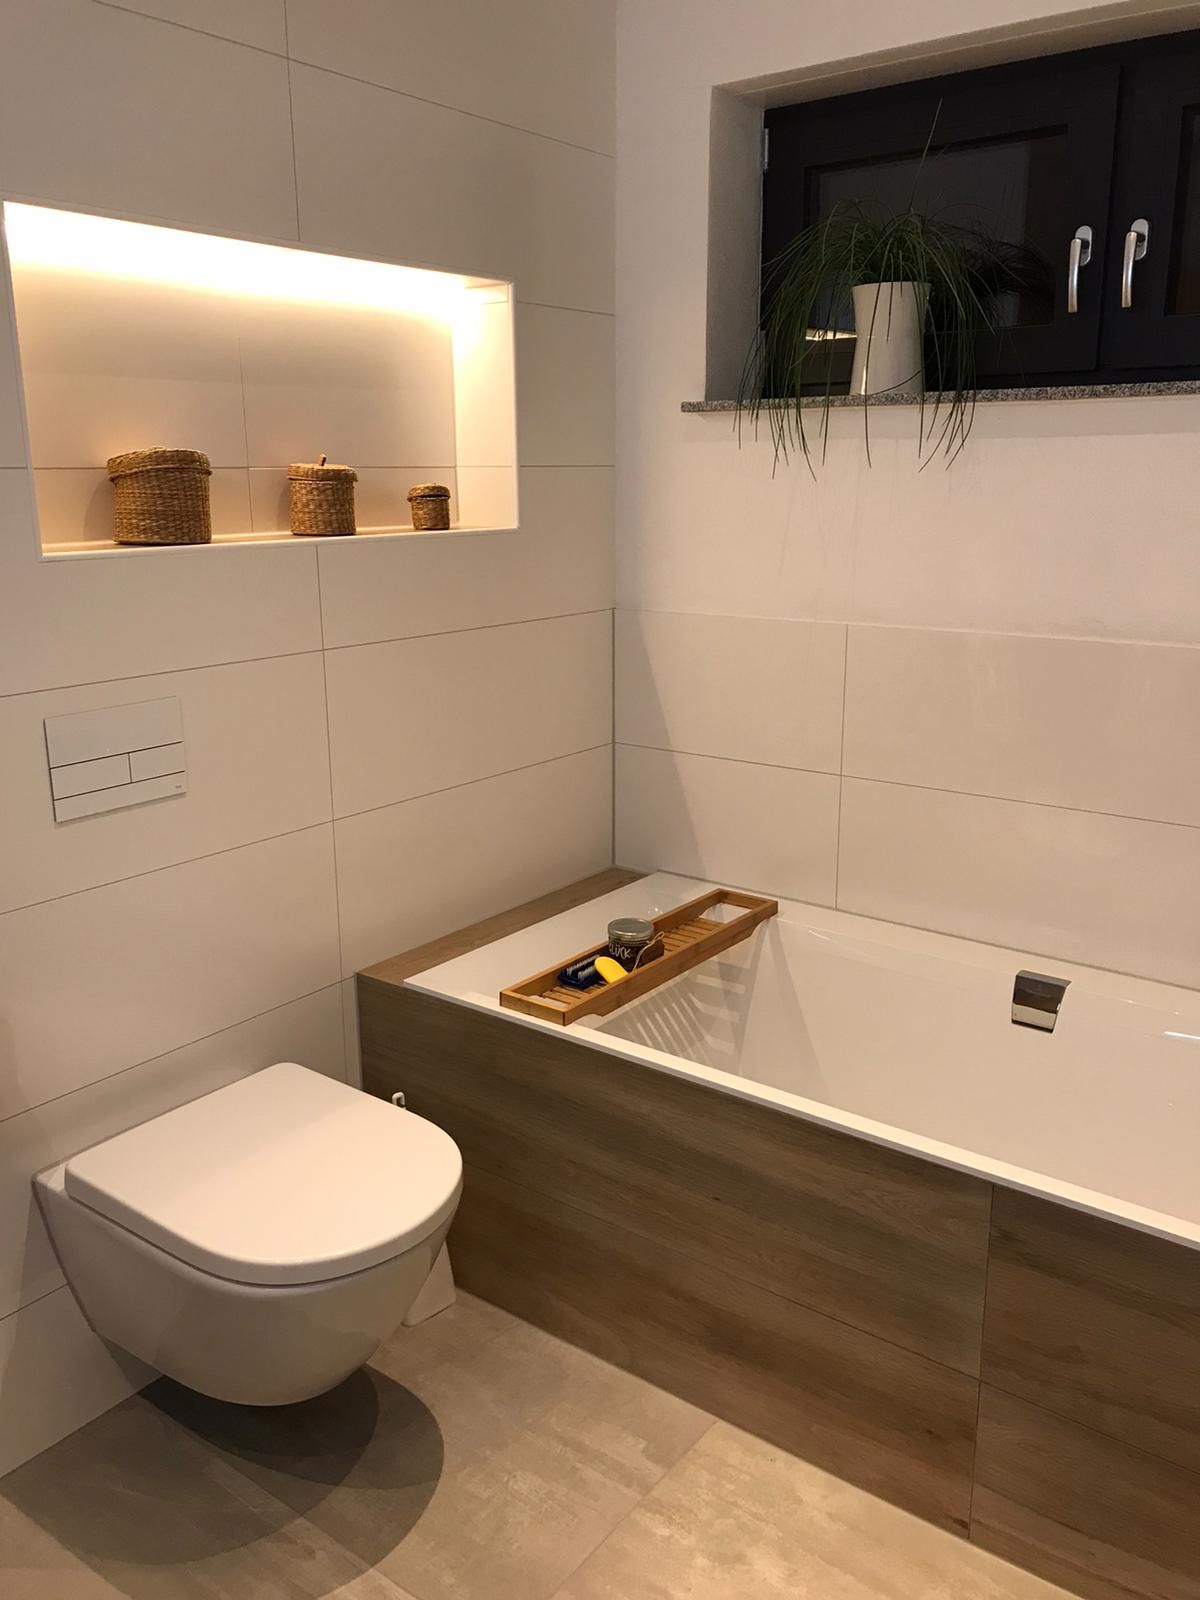 Pin Von Fabi Auf Buedzemmer Badewanne Fliesen Badezimmer Badewanne Verkleiden